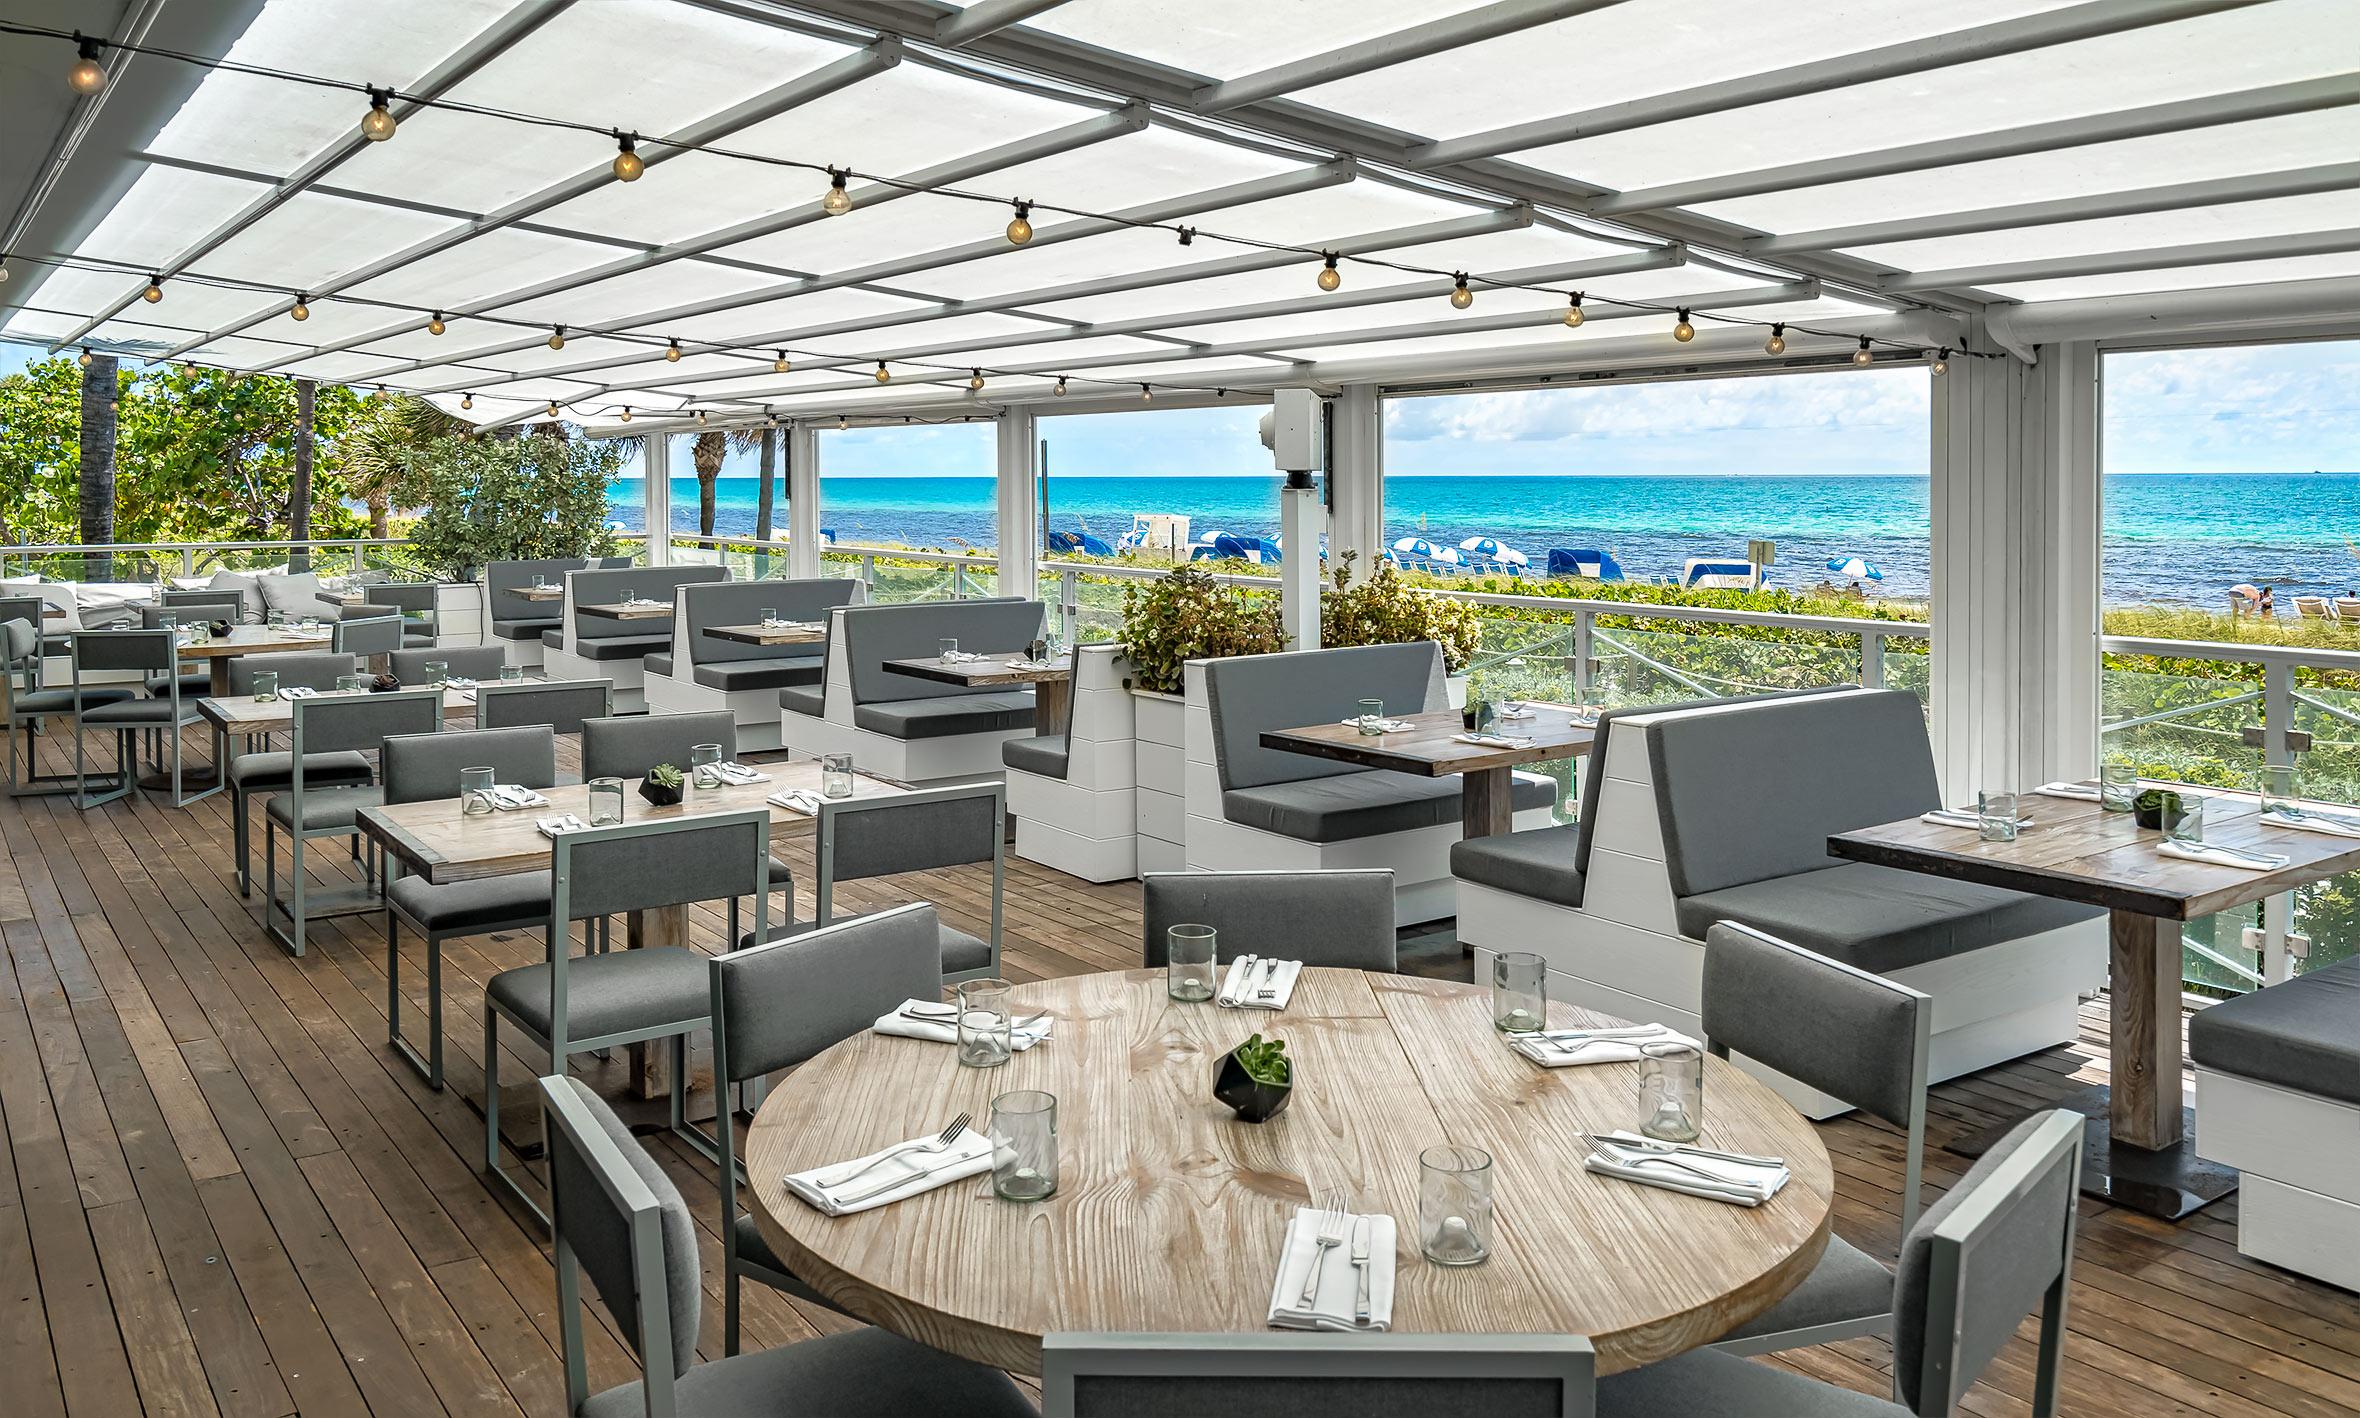 Malibu Farm Restaurant - W Hotel Fort Lauderdale